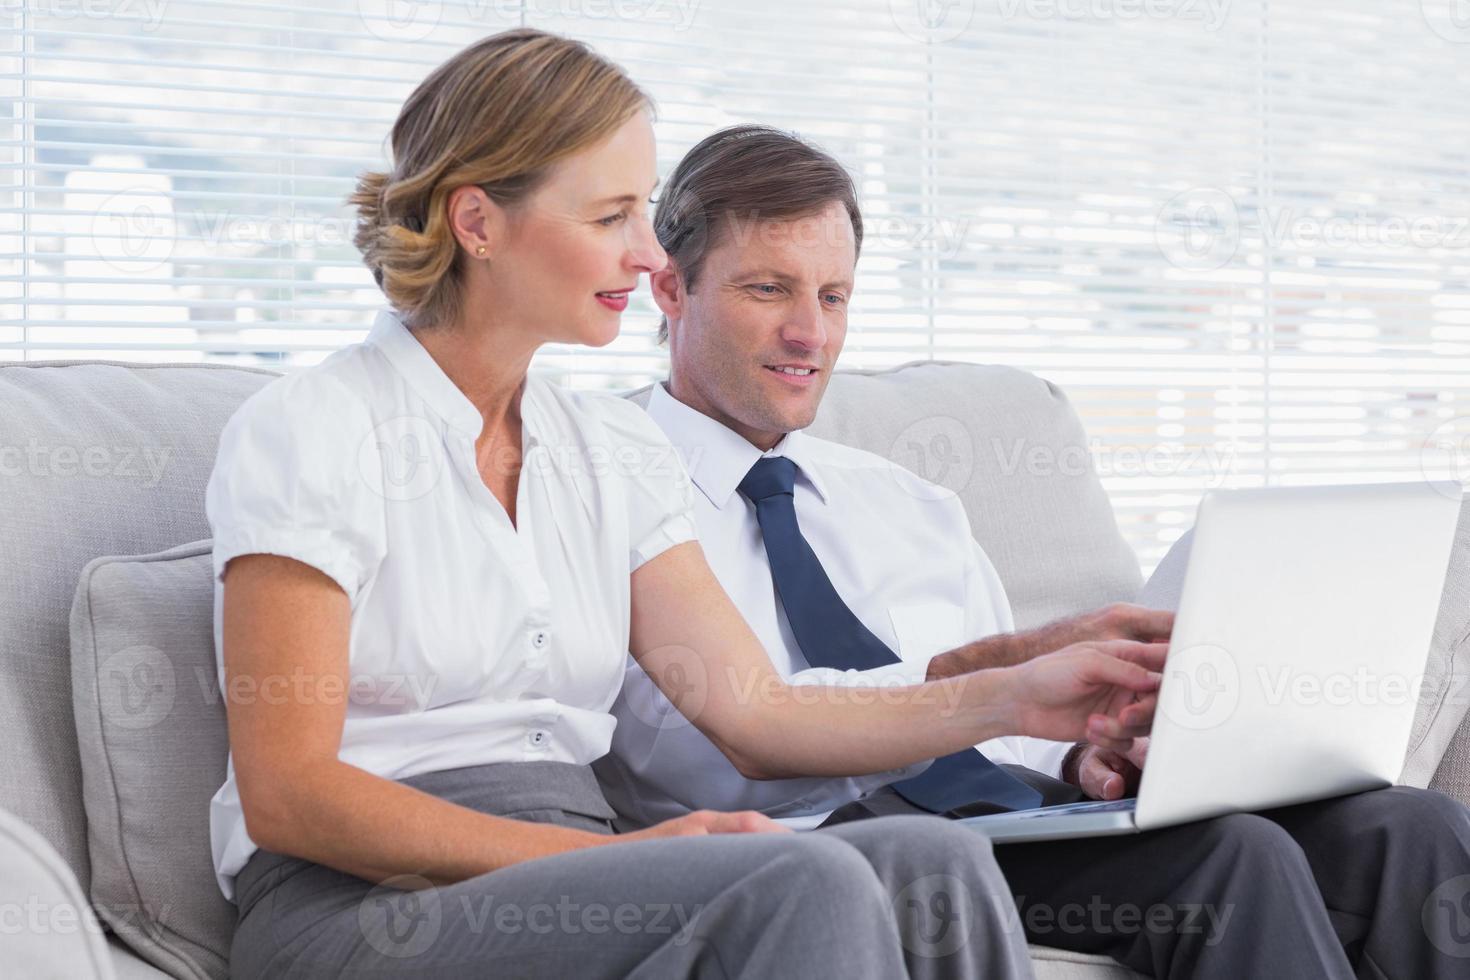 affärsmän tittar på något på laptop foto